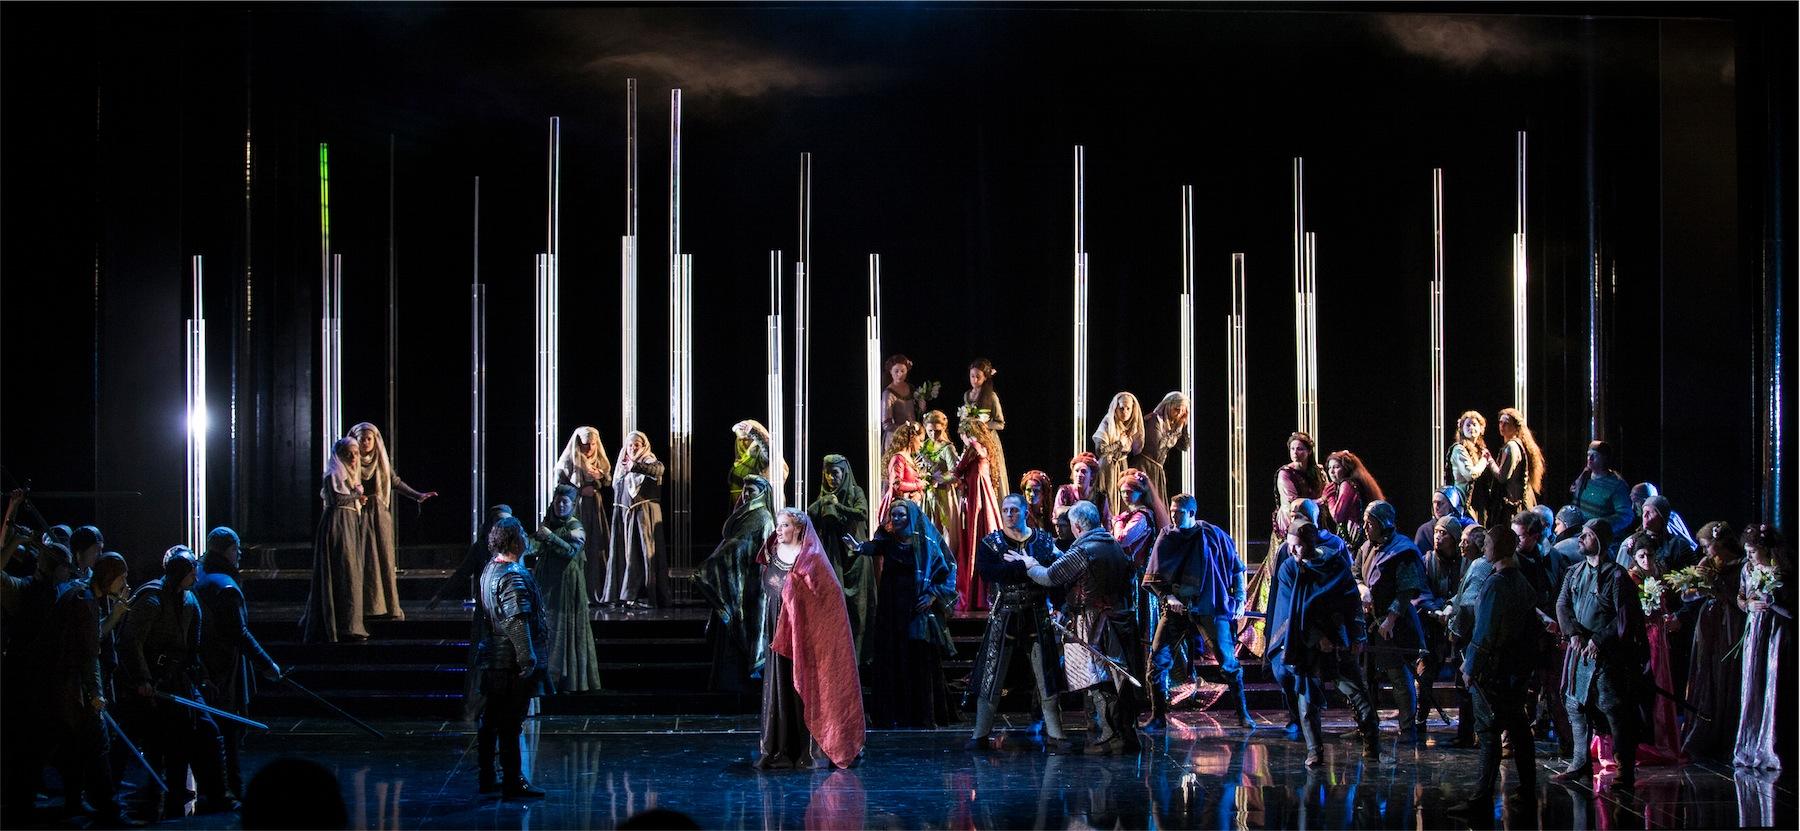 """La Stagione Lirica di Padova 2017 ritorna in ottobre al Teatro Verdi di Padova con un Trovatore """"pittorico"""" di Giuseppe Verdi in un nuovo allestimento dell'Opera di Maribor."""